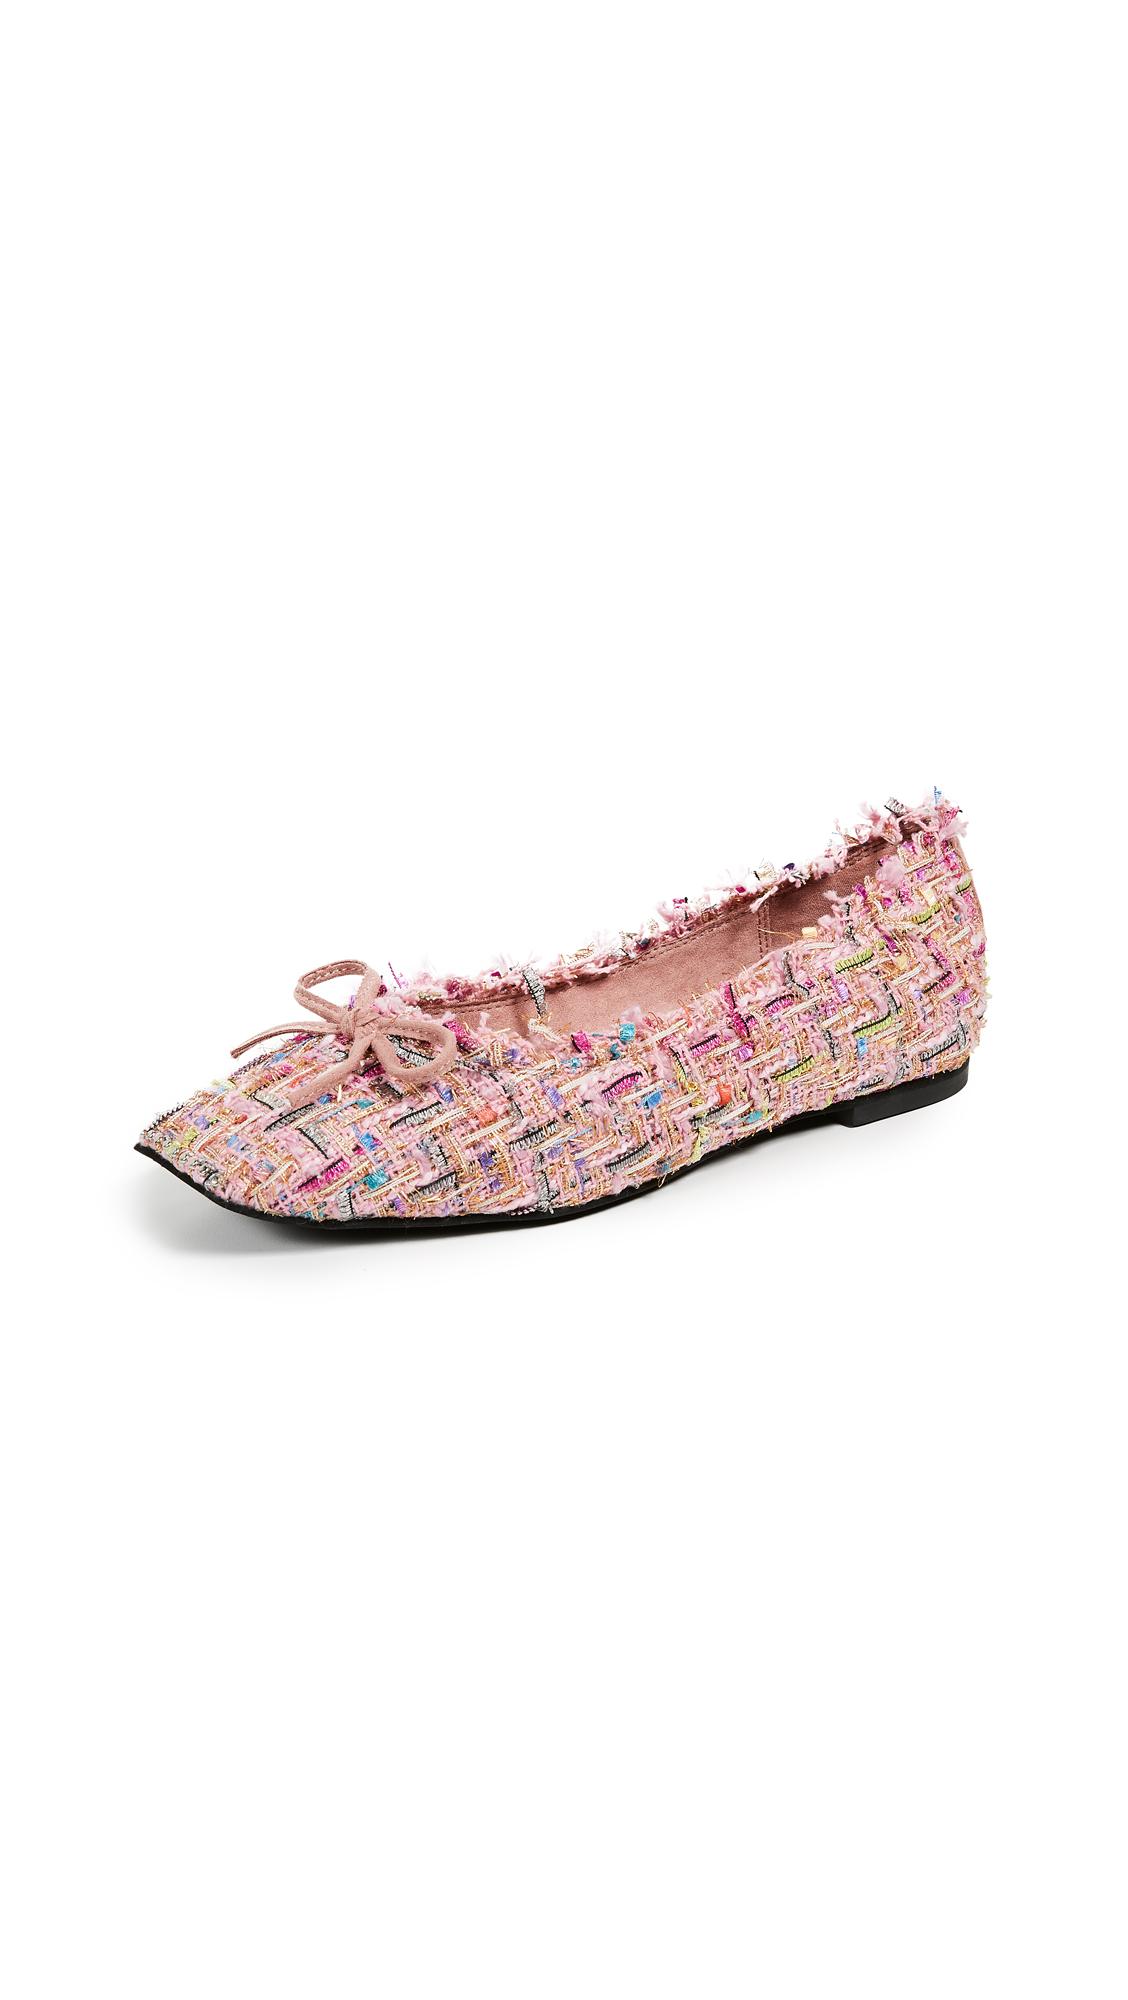 Jeffrey Campbell Achira Square Toe Flats - Pink Multi